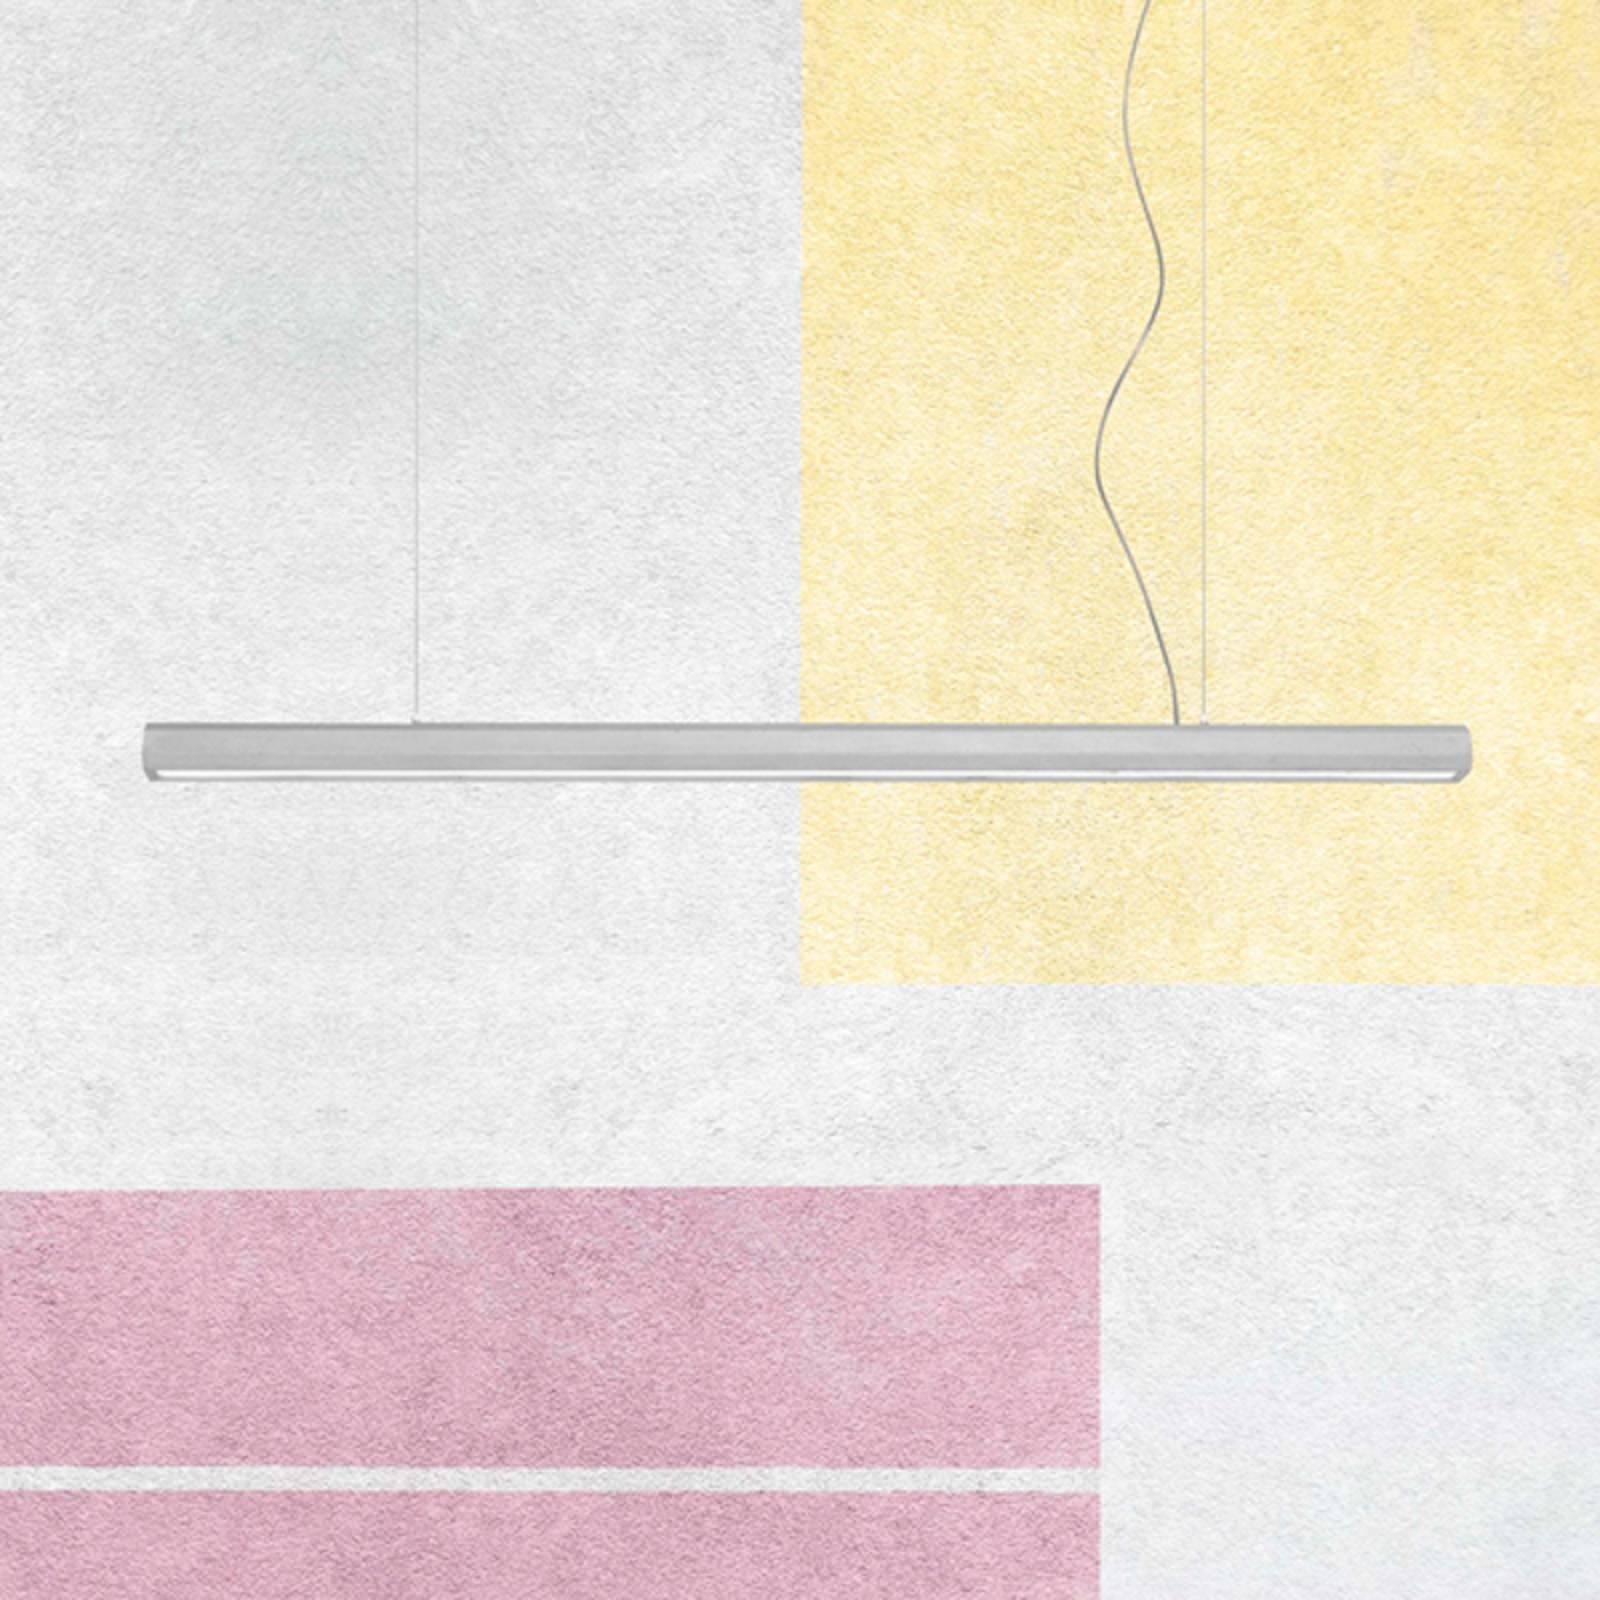 Lampa wisząca LED Materica Stick L, cement, 100 cm